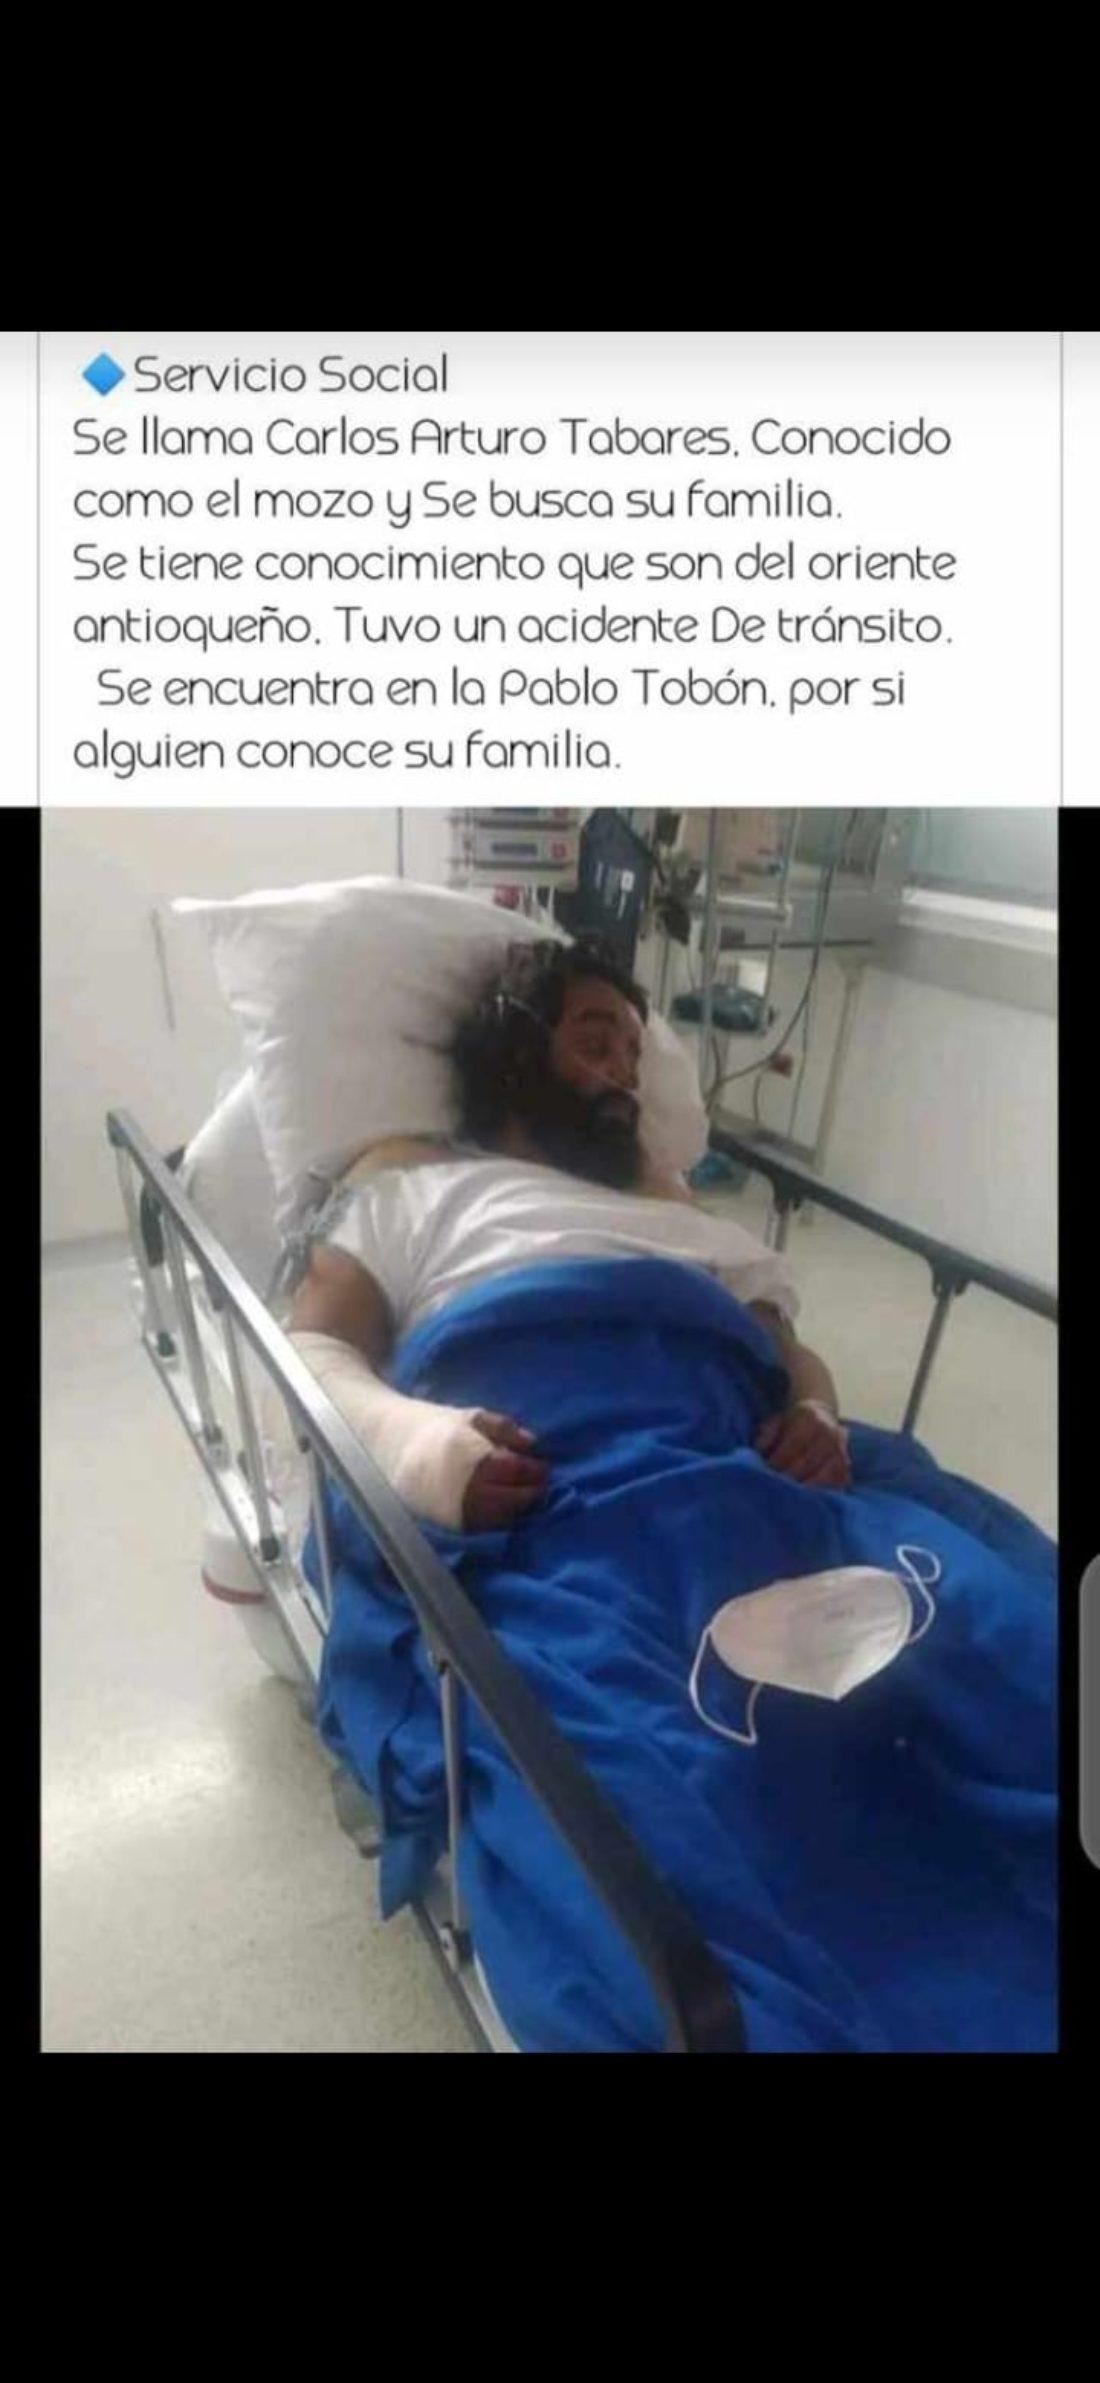 Tras sufrir un accidente, habitante de calle se reencontró con su familia de Rionegro